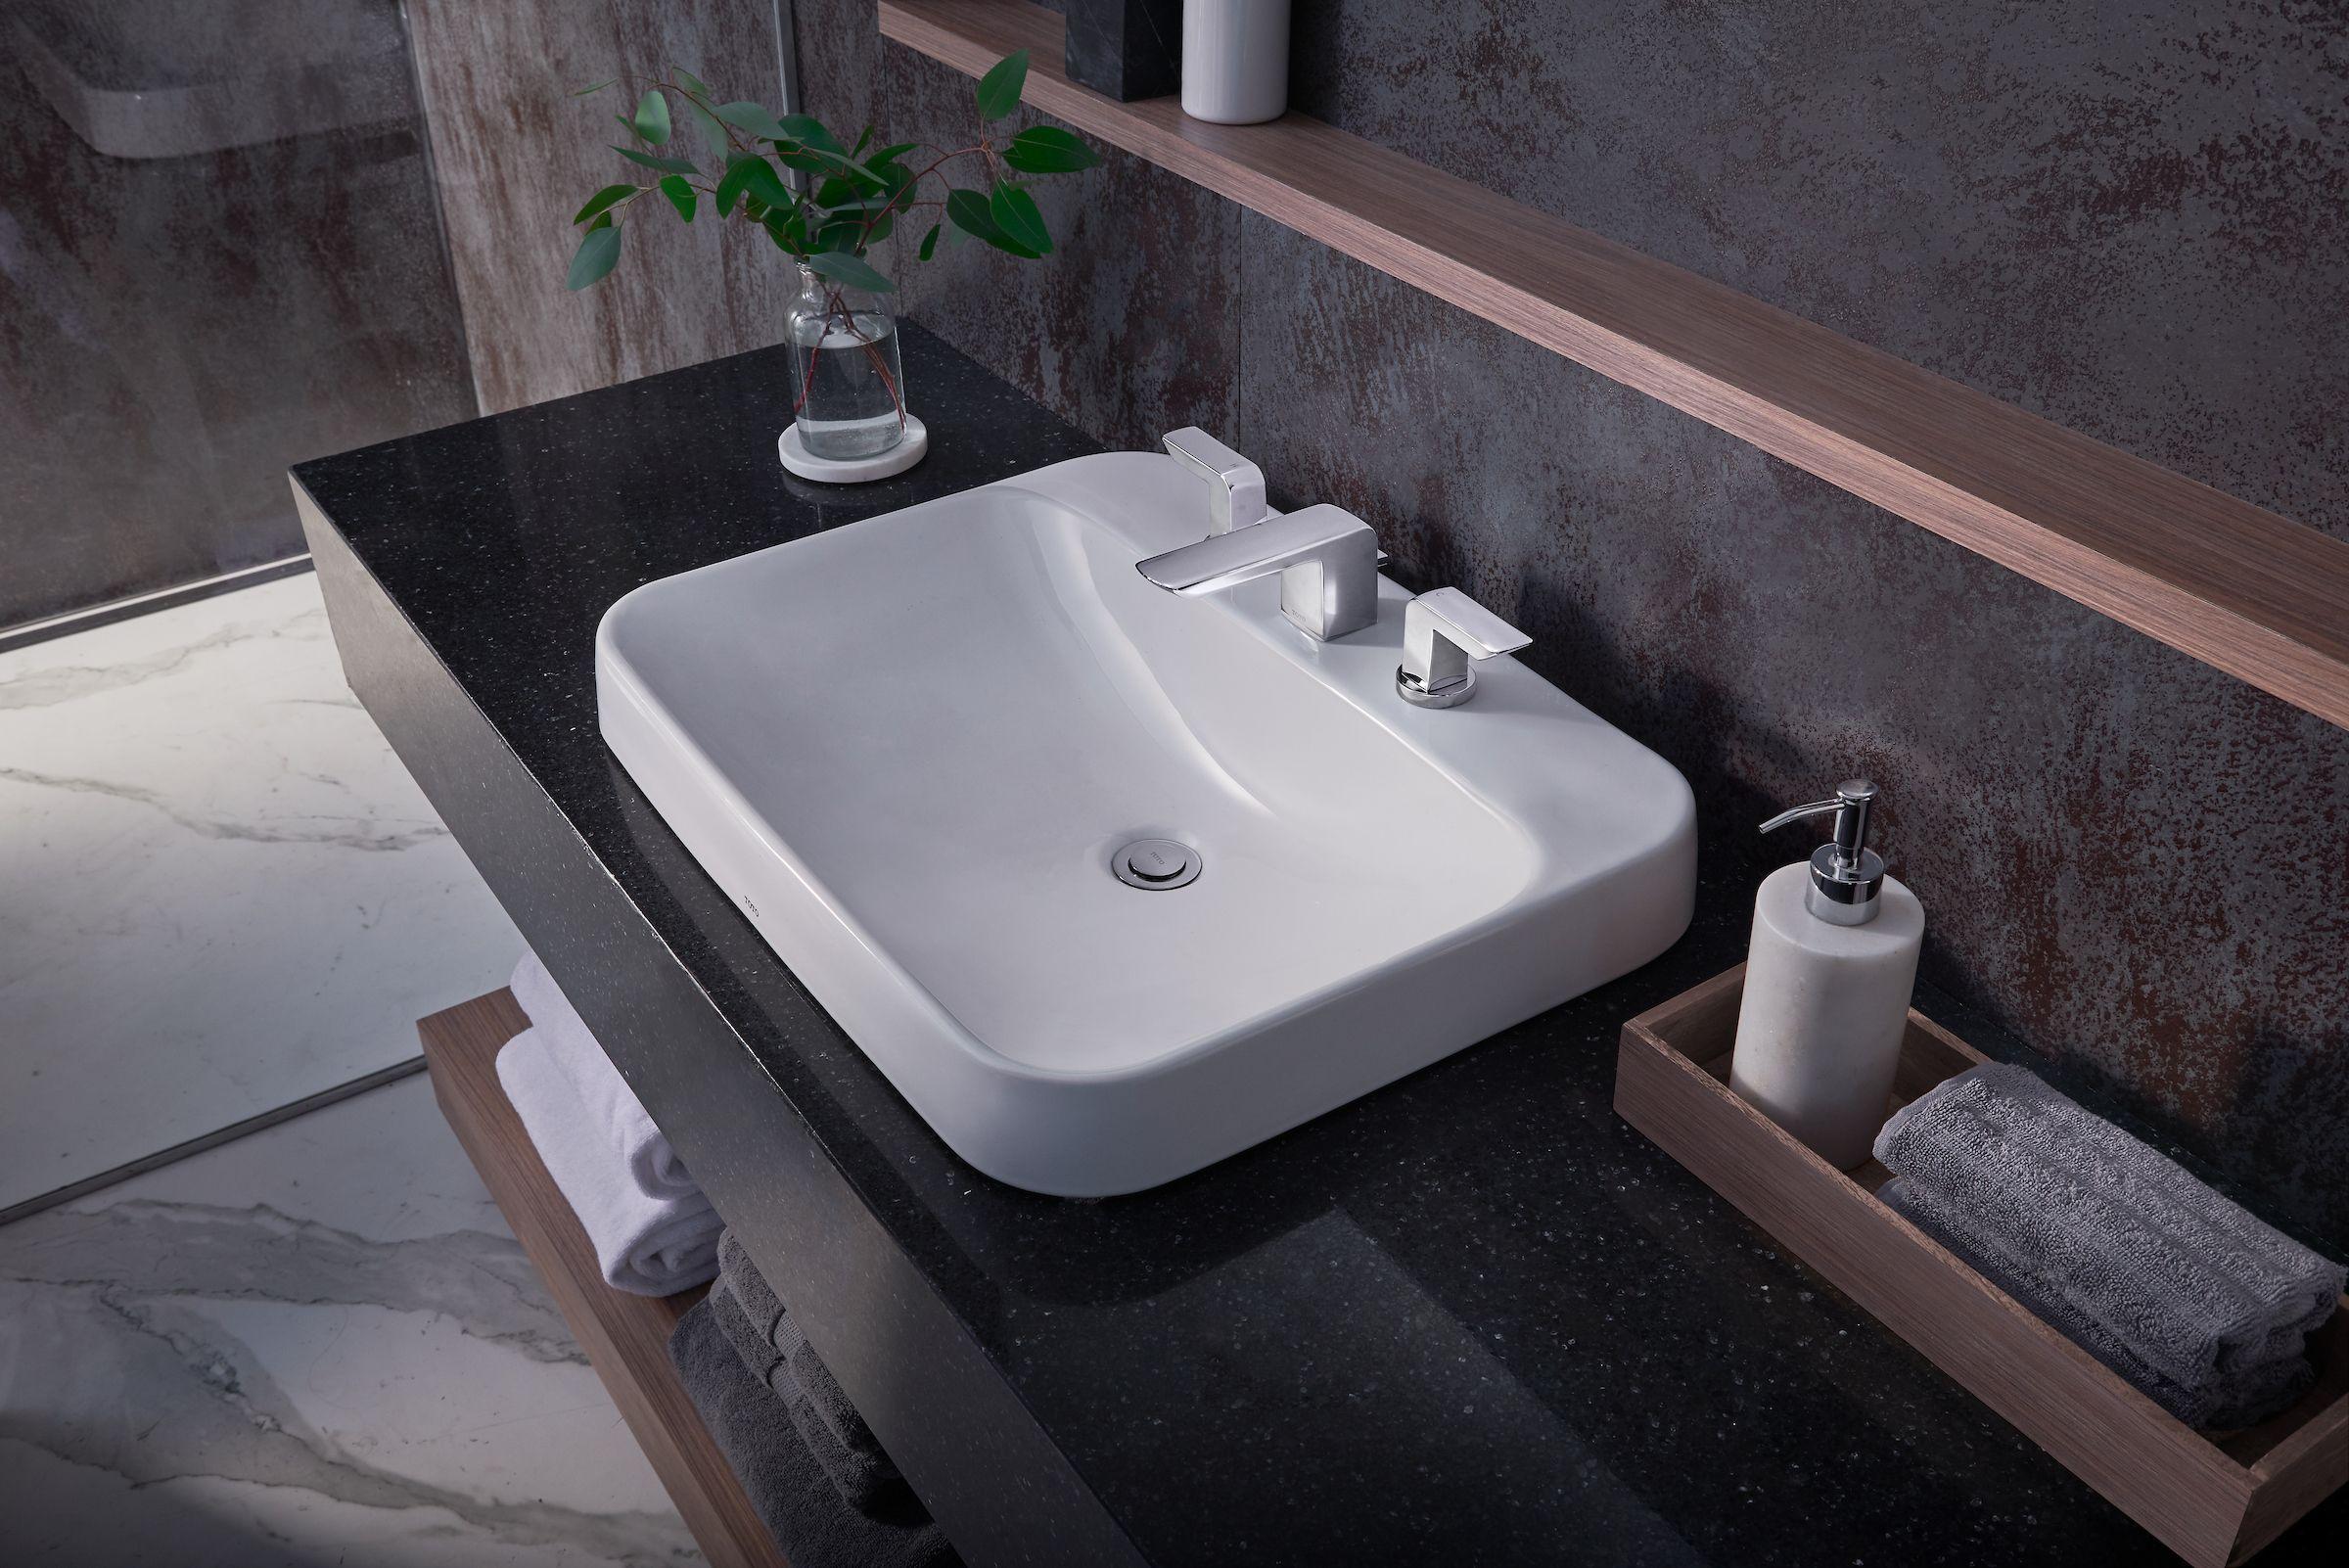 Pin On Minimalist Bathroom Design